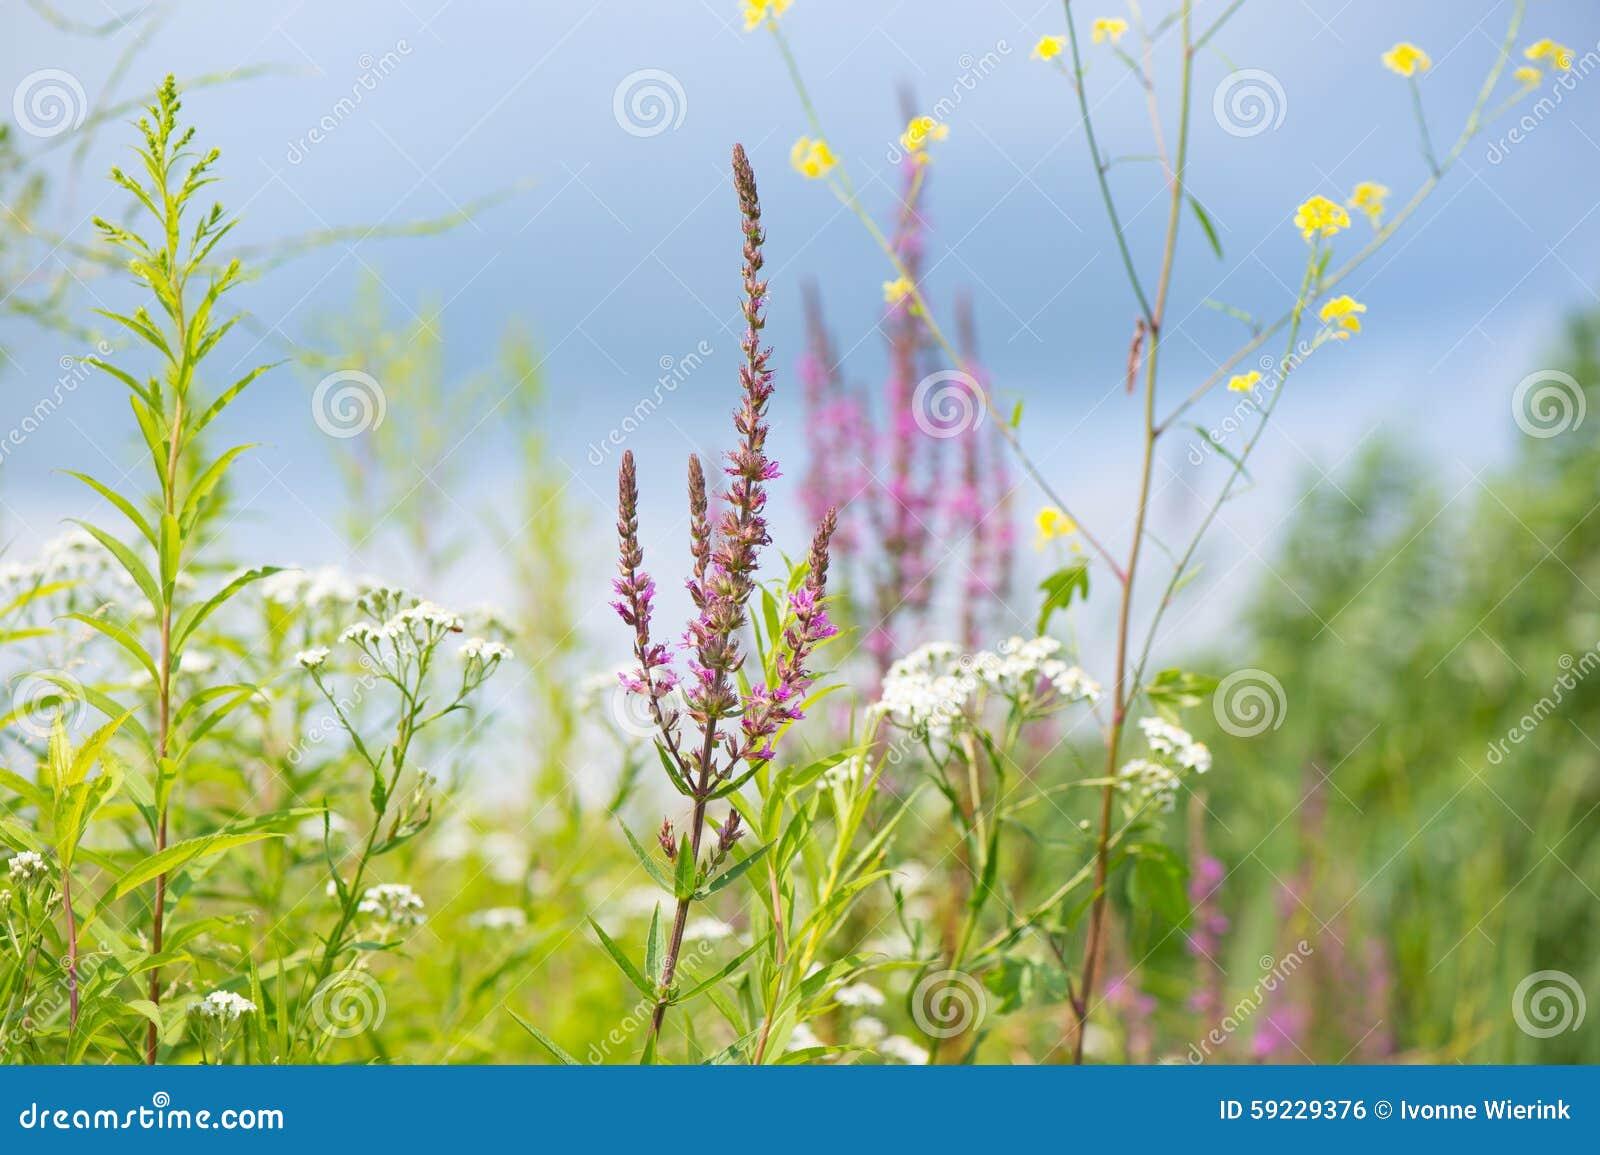 Download Lisimaquia Púrpura Y Otras Flores Foto de archivo - Imagen de otro, agua: 59229376